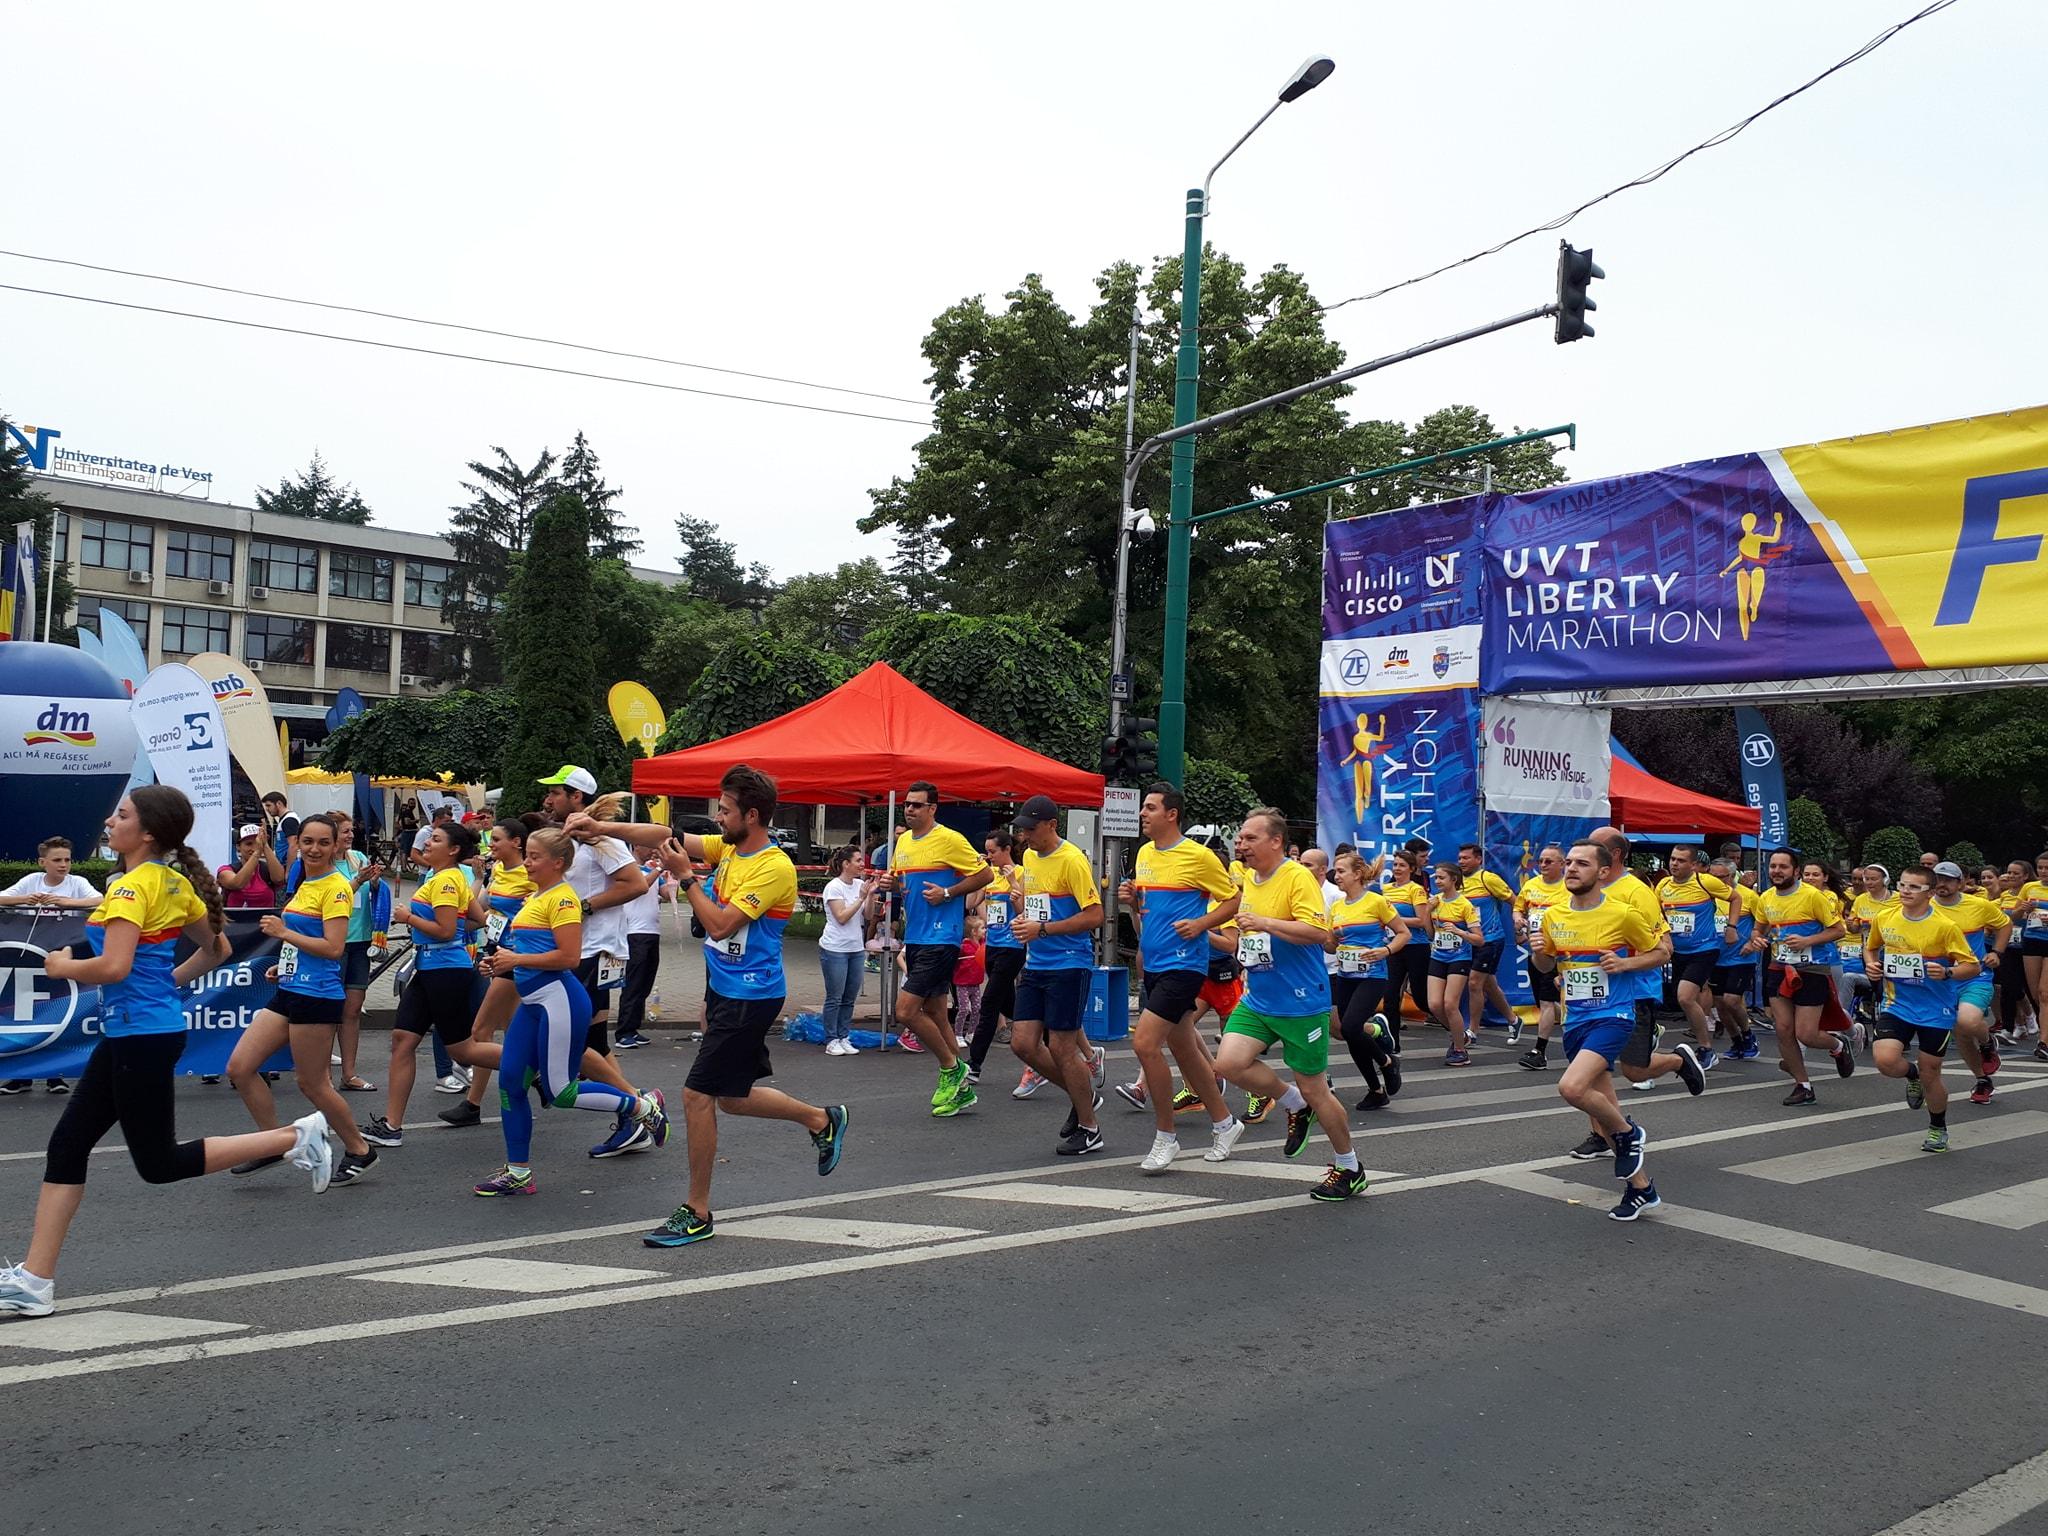 S-a încheiat prima ediție a UVT Liberty Marathon. Participanți din 10 țări